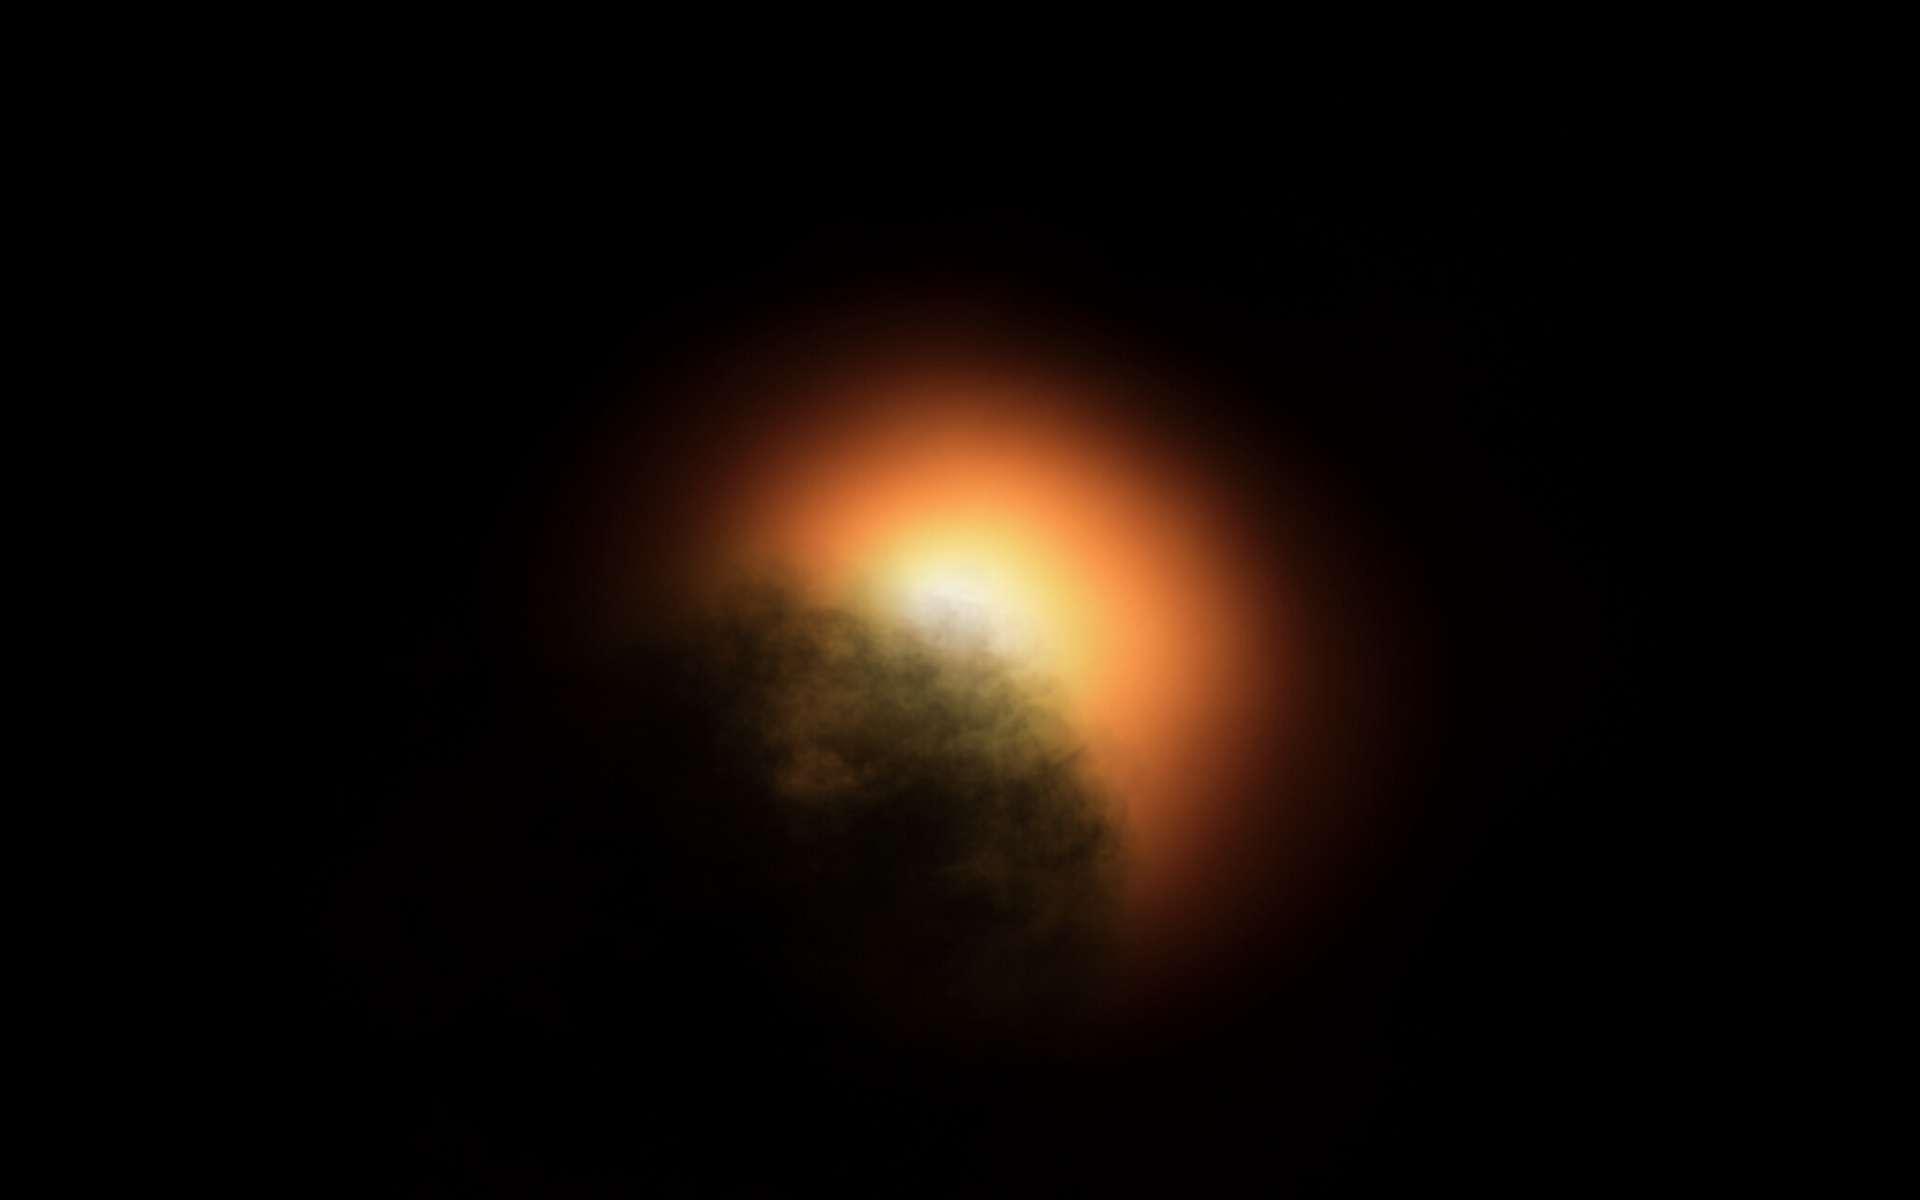 Bételgeuse aurait perdu de sa luminosité à cause d'immenses taches stellaires recouvrant jusqu'à 70 % de sa surface. Ici, le phénomène en vue d'artiste. © MPIA graphics department